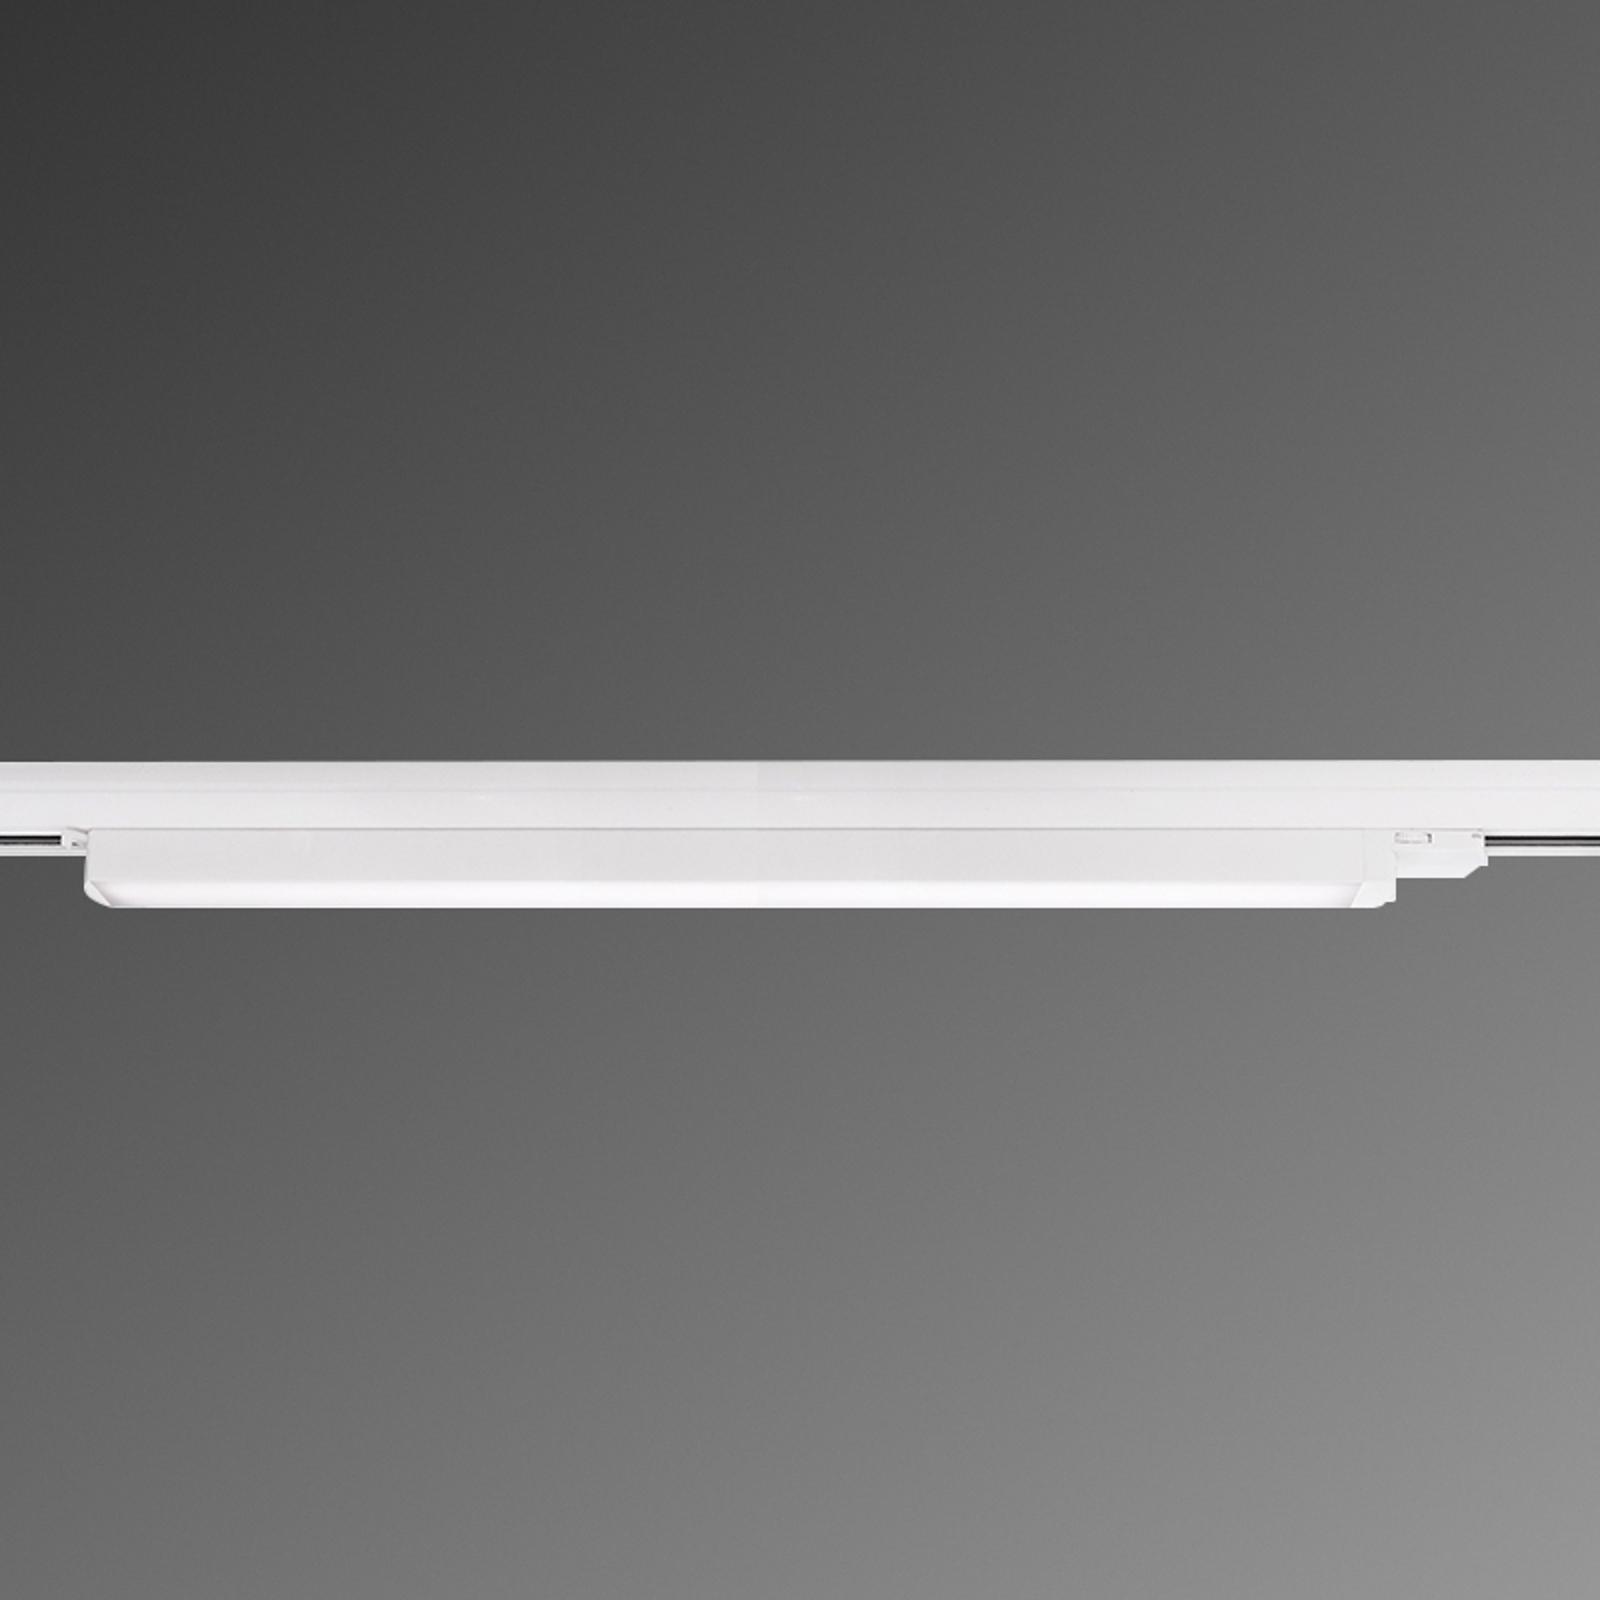 3-Phasen-Stromschienenstrahler Linear 100, LED